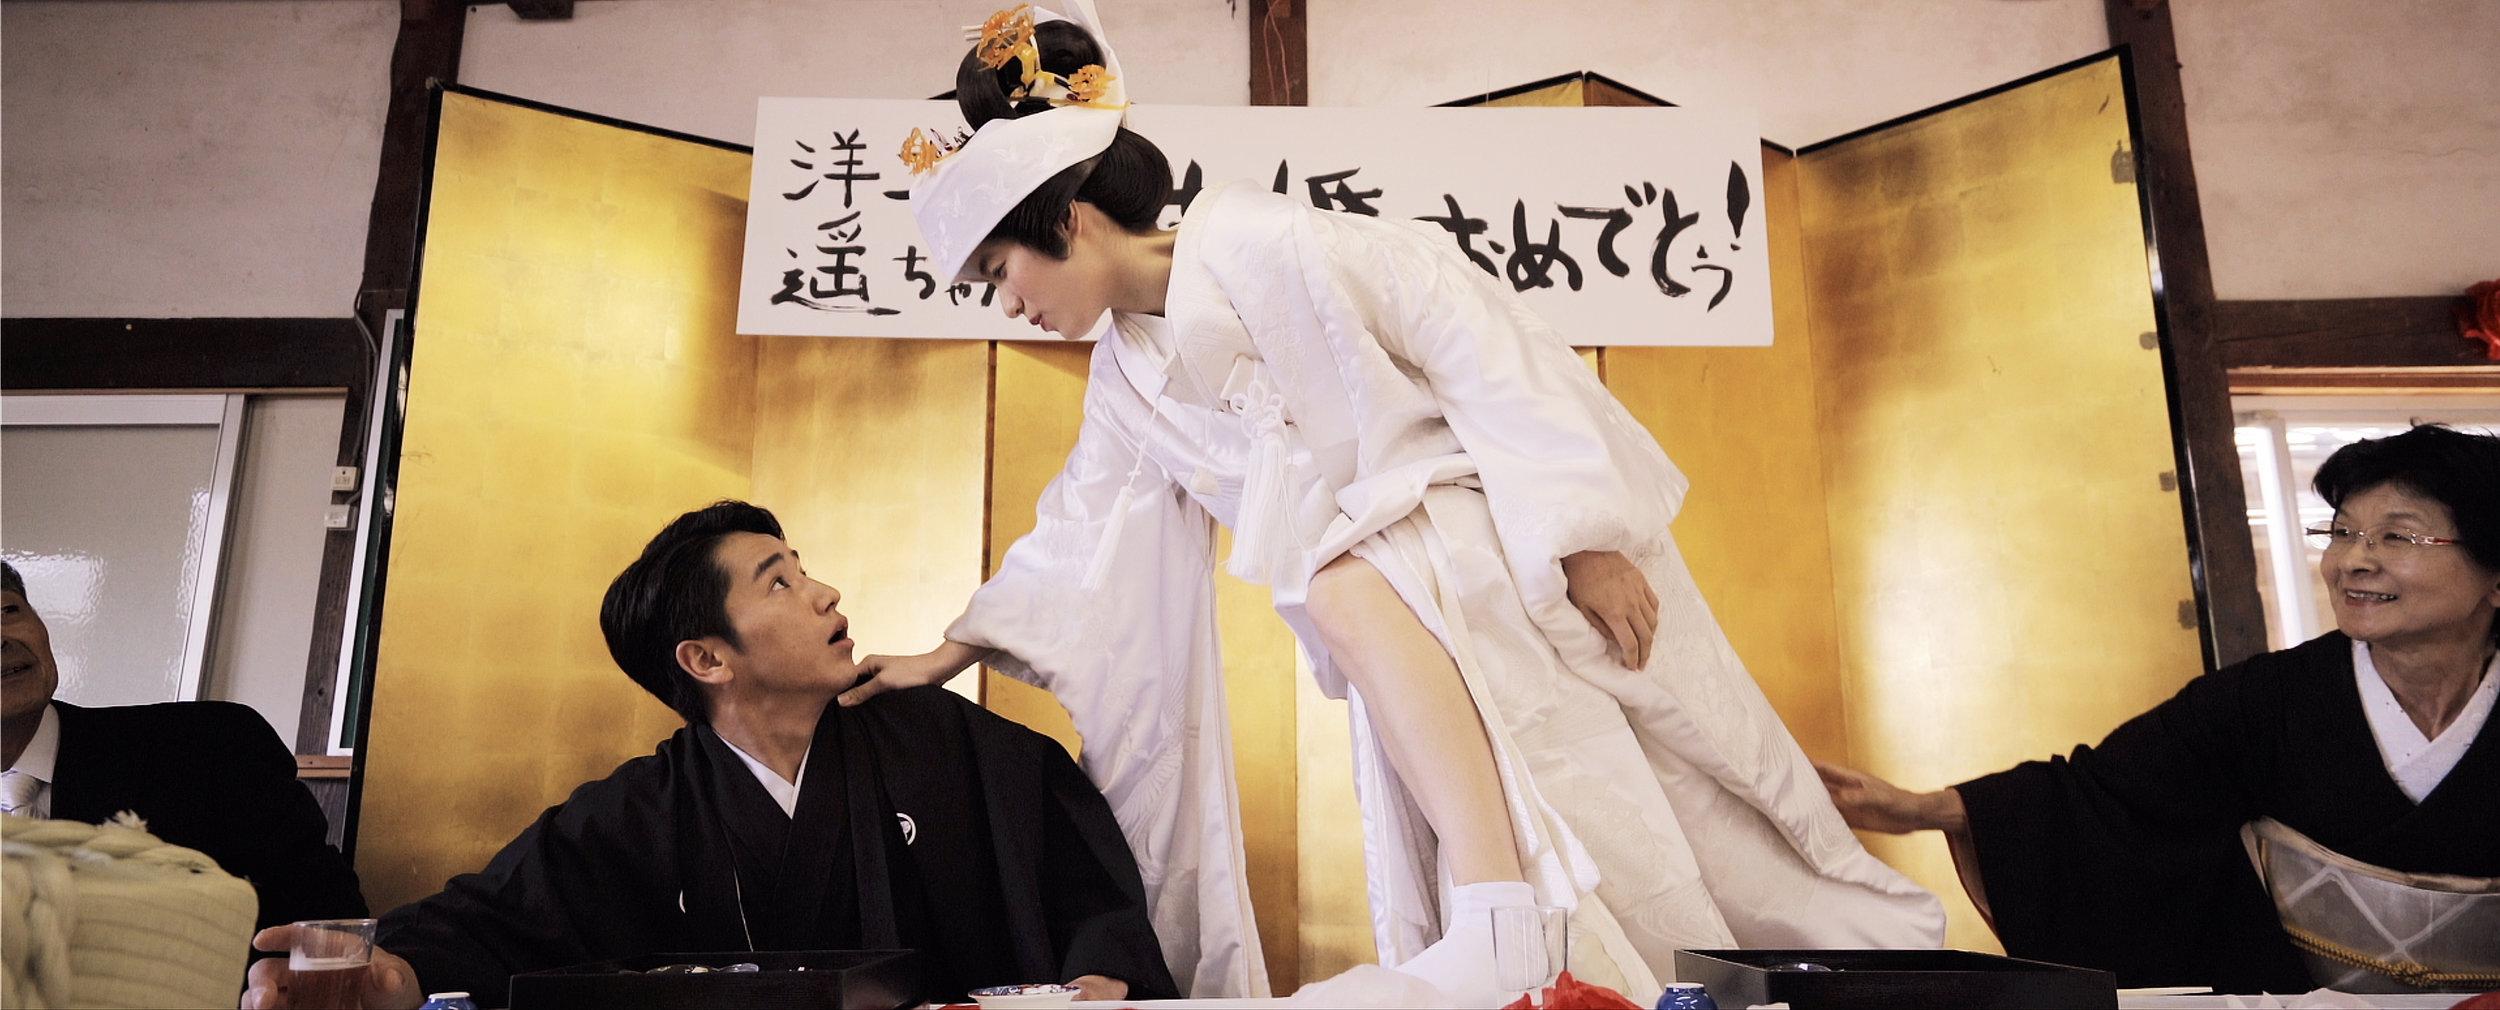 結婚式の最中 新婦の遥が泥酔し新郎に詰め寄るシーン  The drunk bride grabbing the groom's neck during the wedding